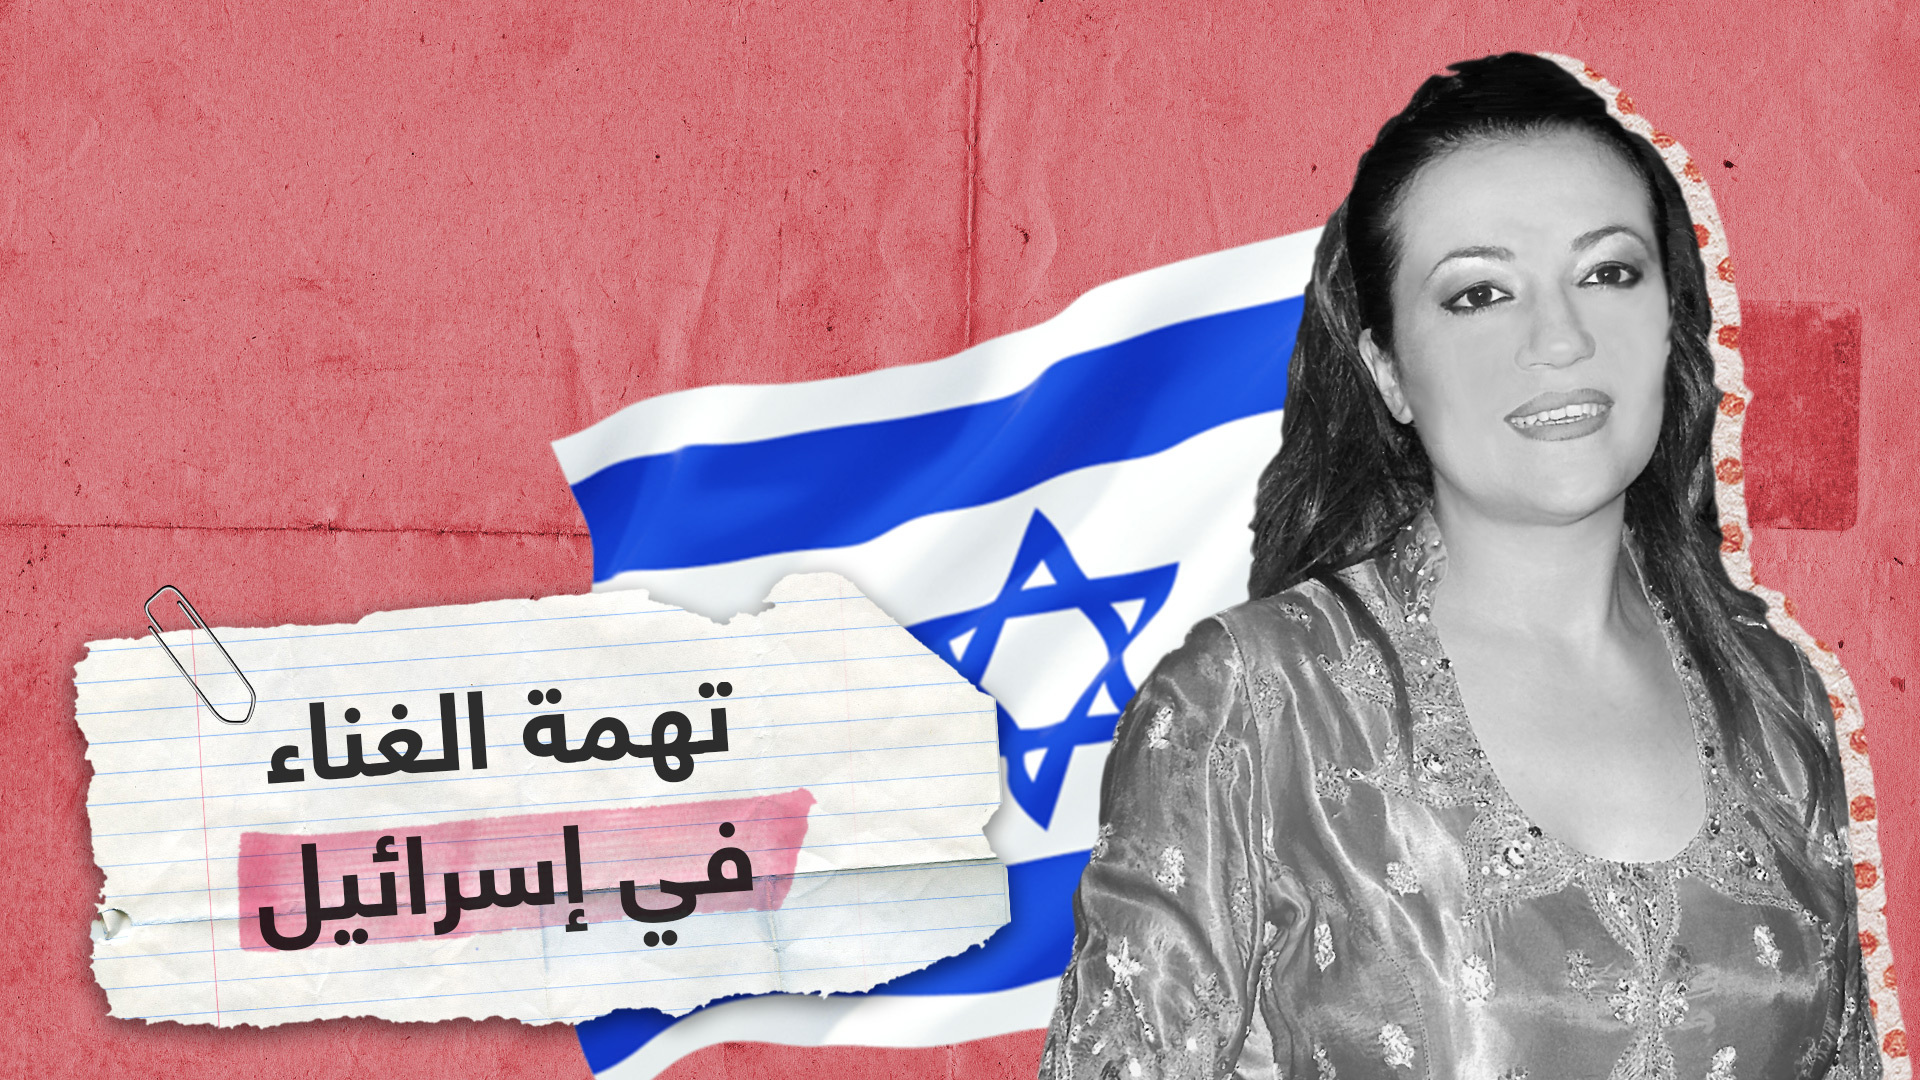 فنانة تونسية ترد على تهمة الغناء في إسرائيل